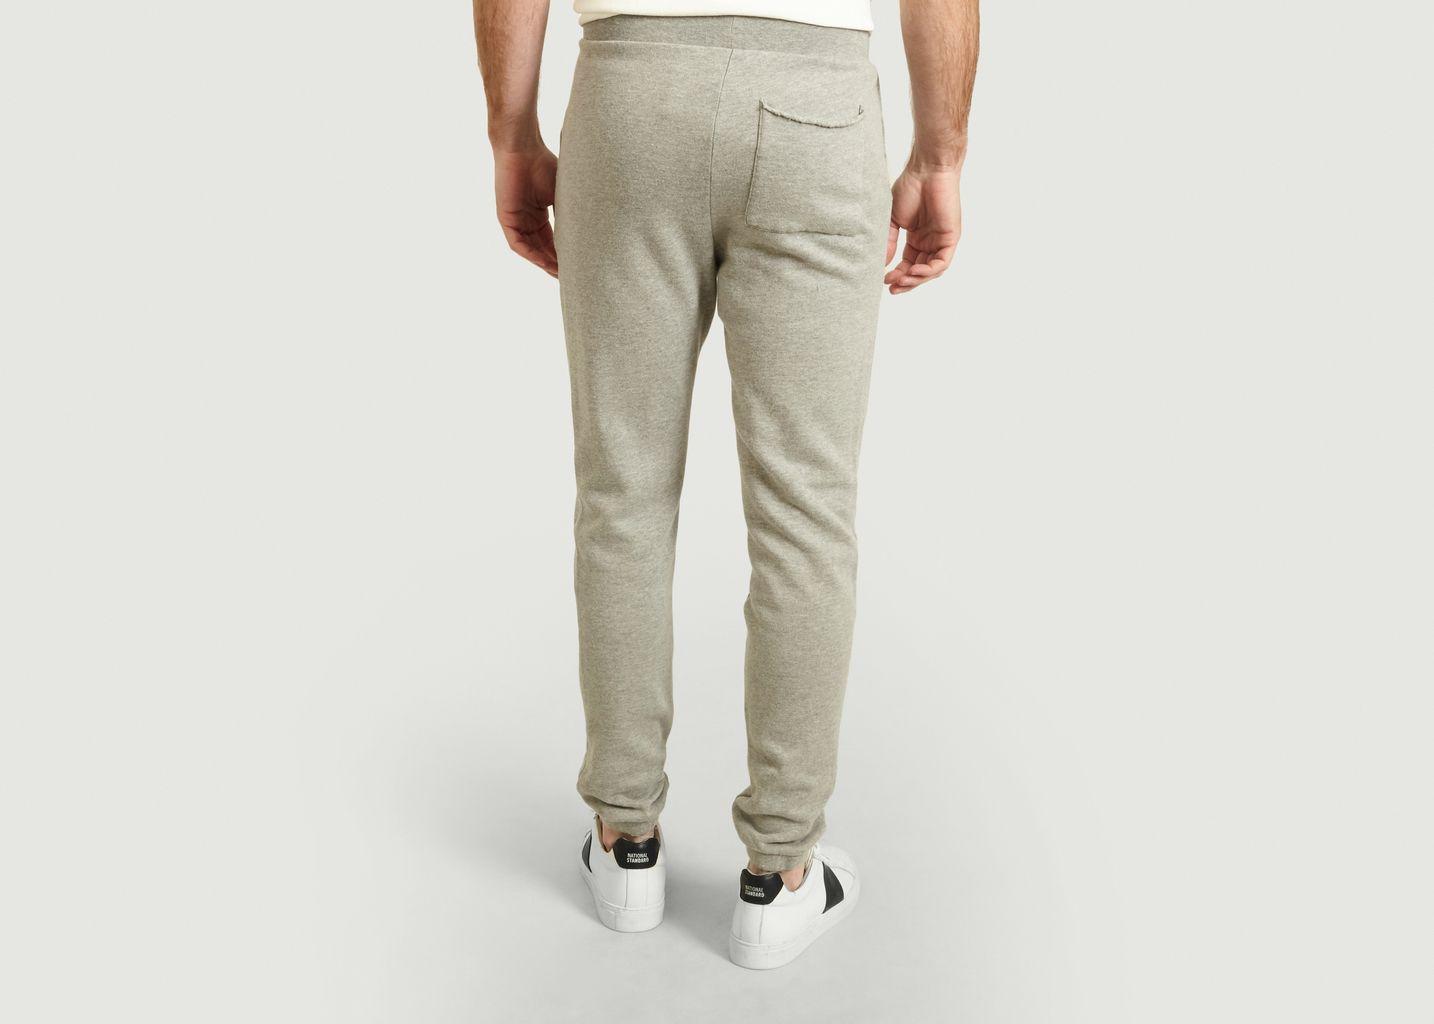 Pantalon Jogging Retburg - American Vintage